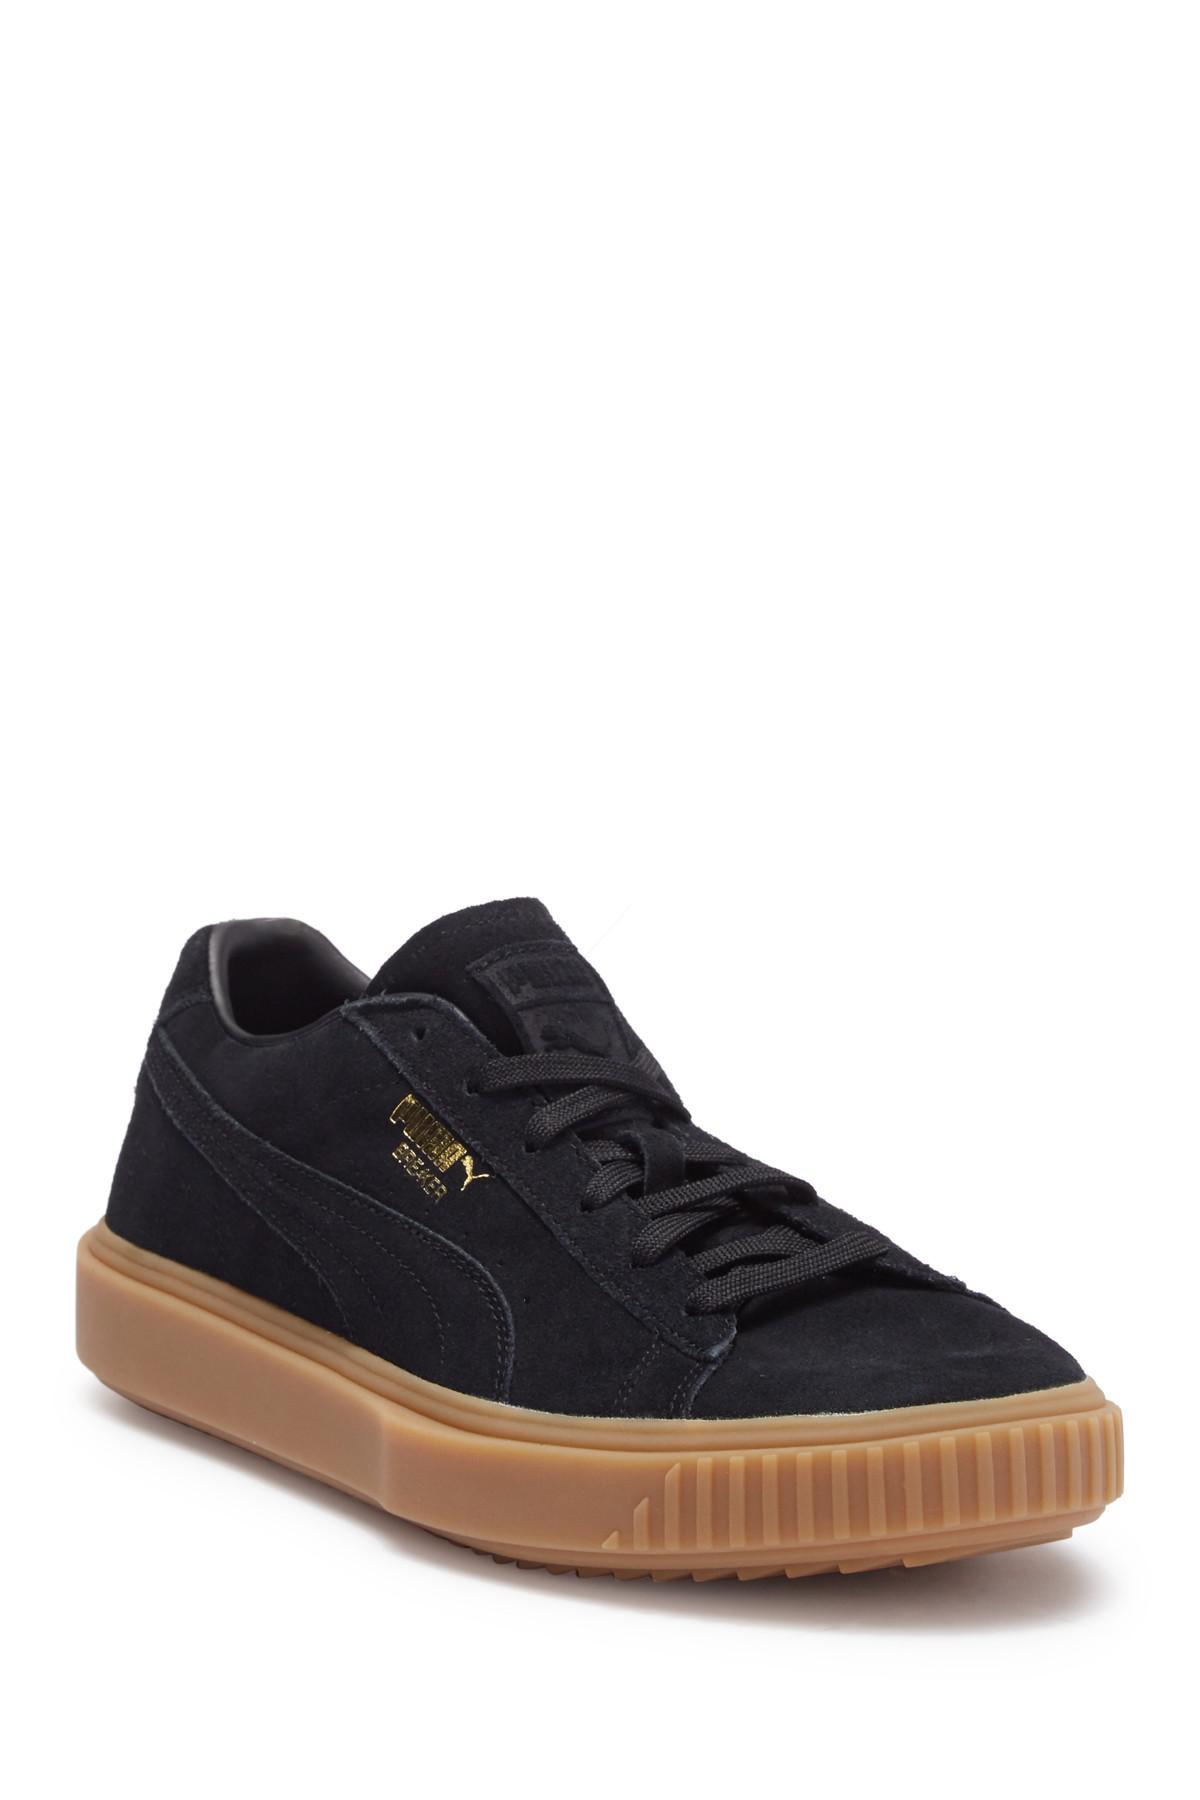 48cb81ac721c Puma Breaker Suede Gum Sneaker in Black for Men - Lyst